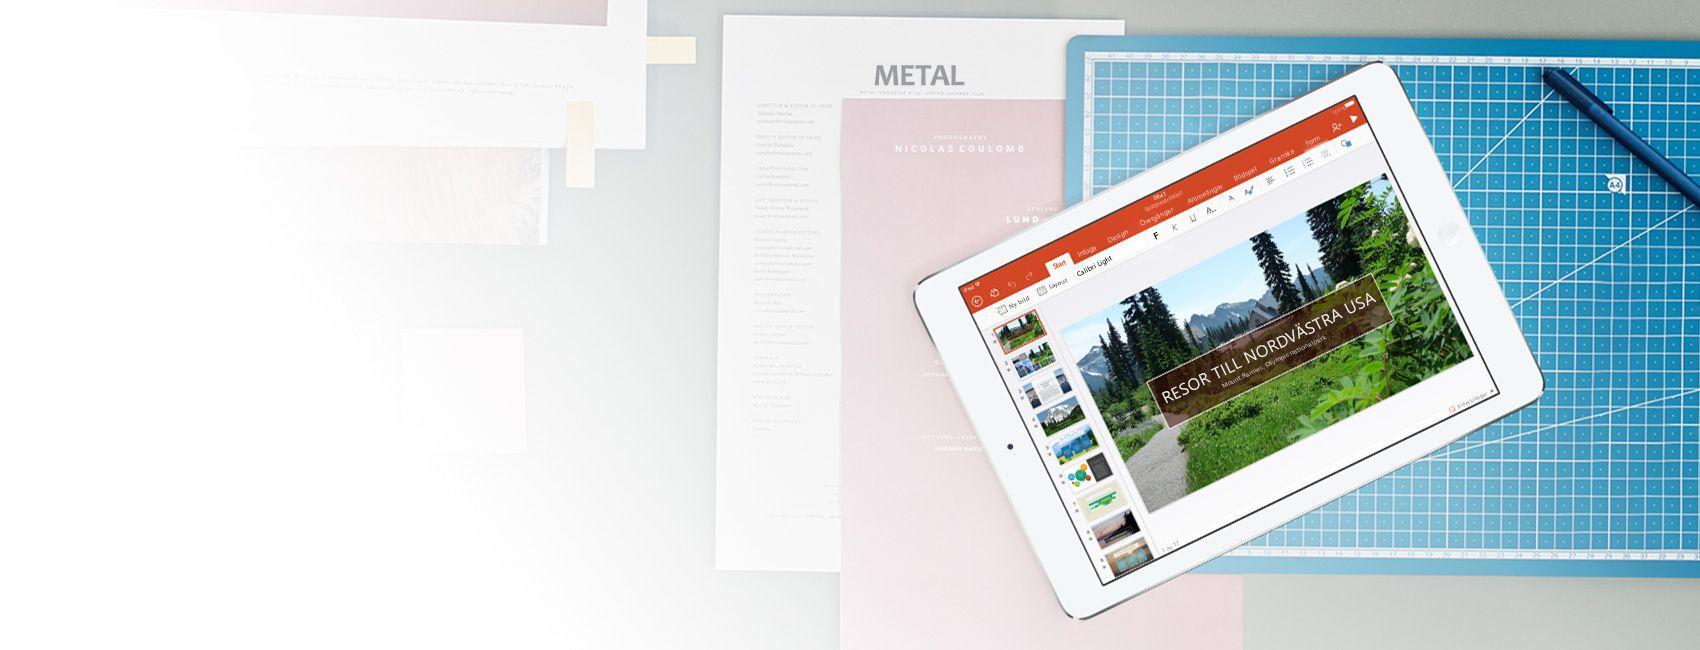 En iPad med en PowerPoint-presentation om Pacific Northwest Travels